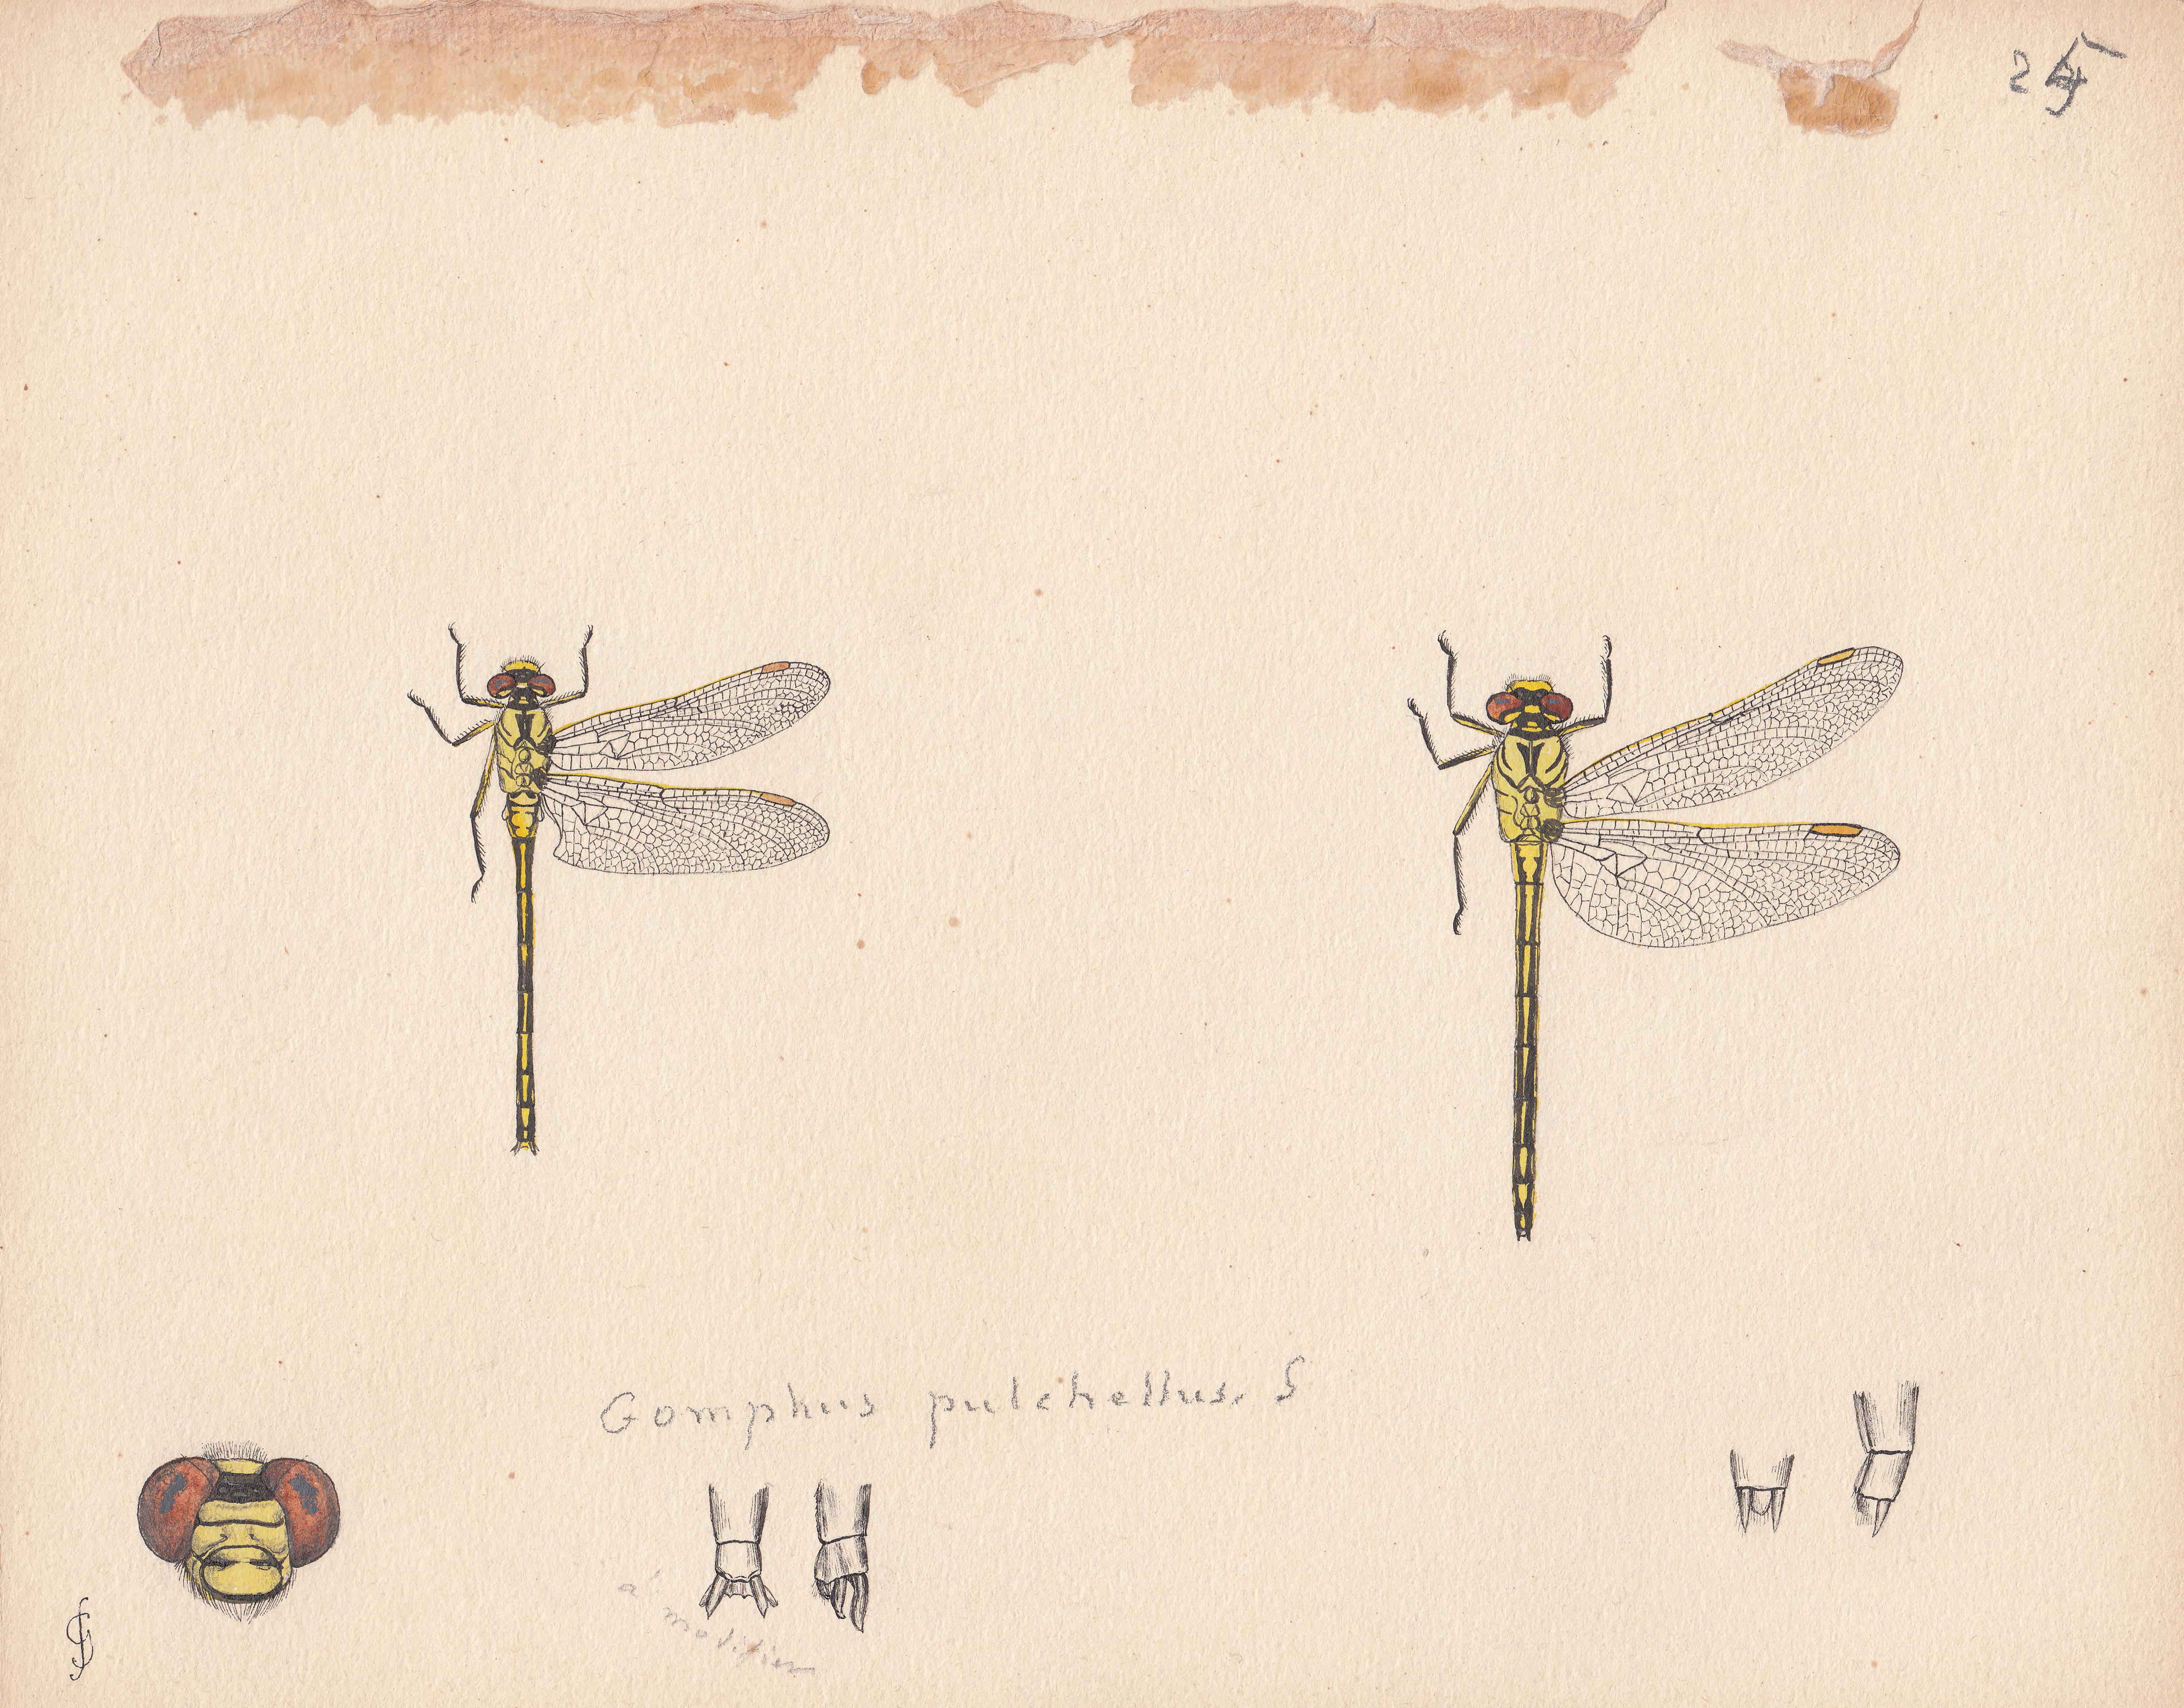 Gomphus pulchellus.jpg